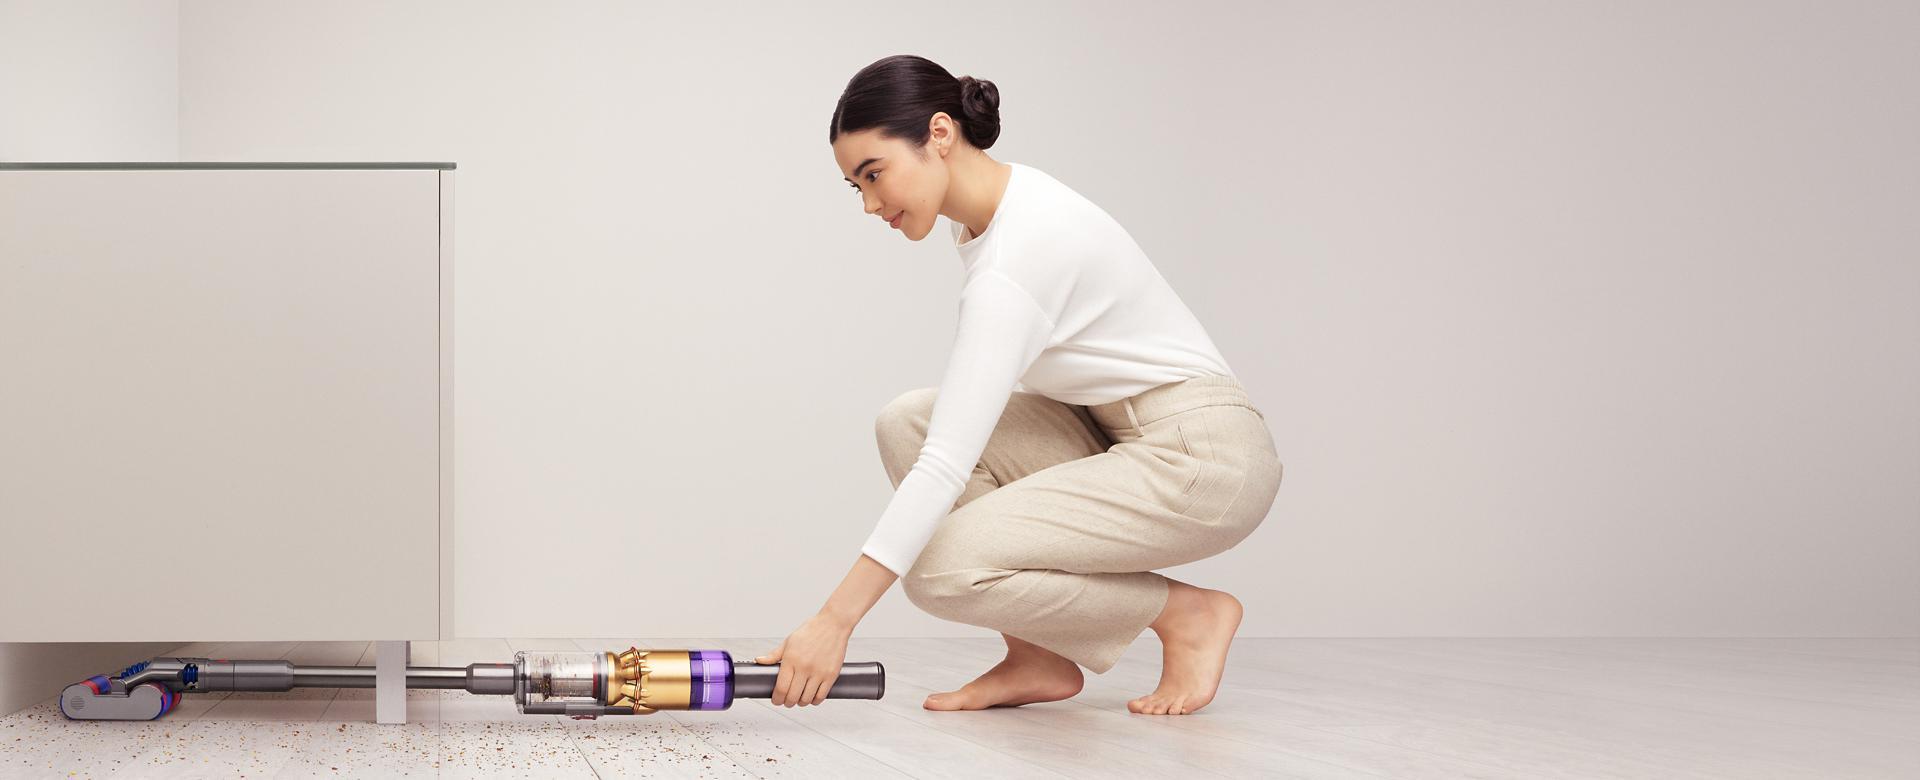 سيدة تَستخدم مكنسة Dyson Omni-glide™ للتنظيف أسفل خزانة.